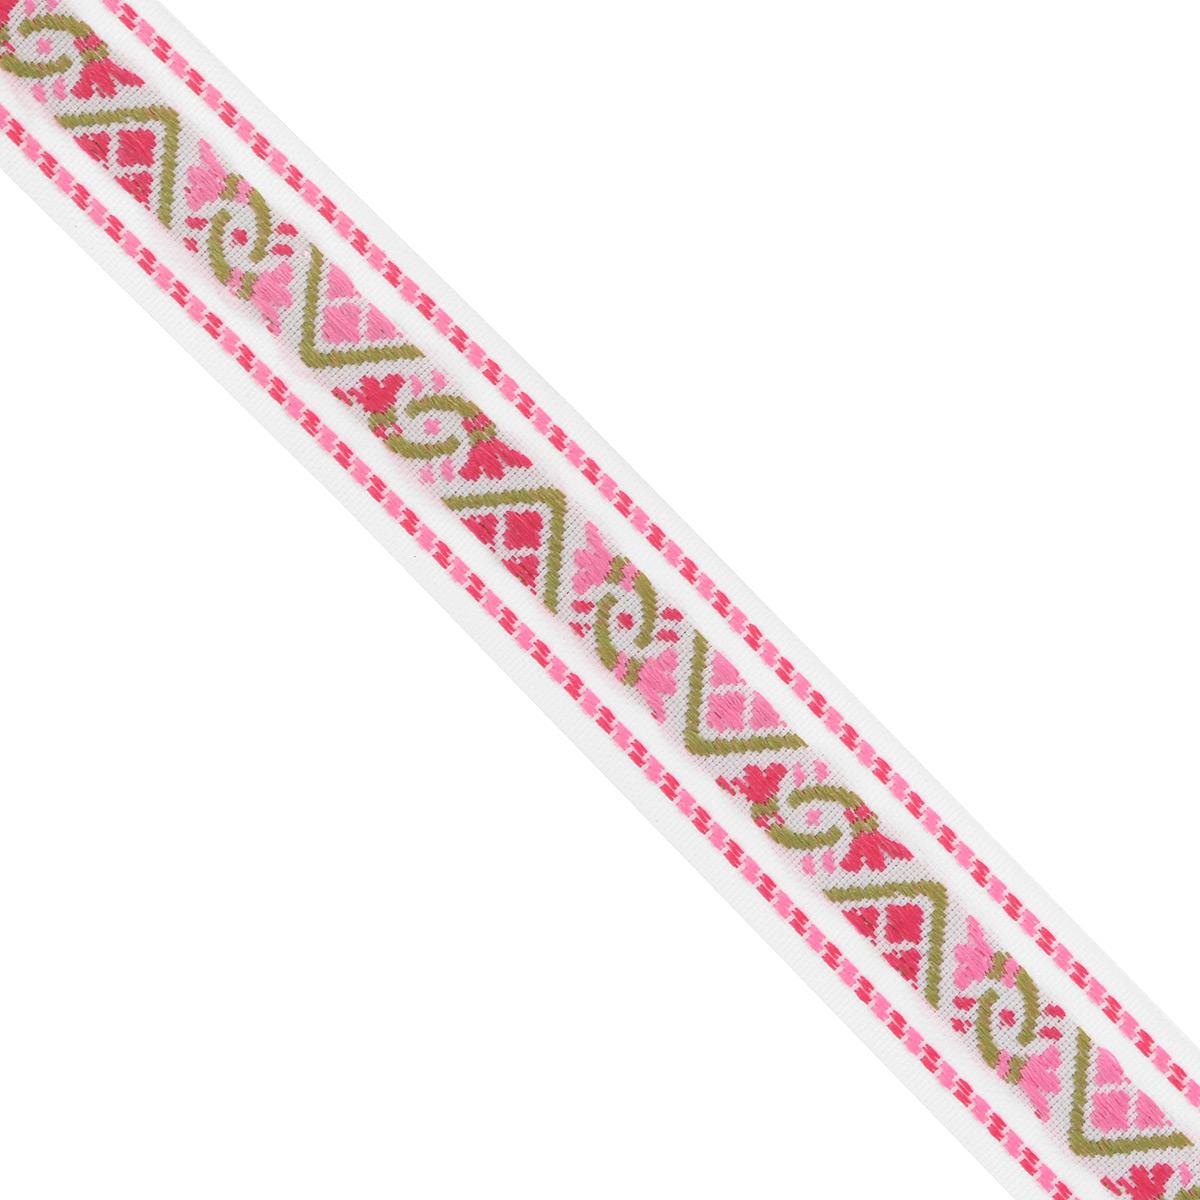 Тесьма декоративная Астра, цвет: розовый, ширина 2 см, длина 16,4 м. 77033037703303Декоративная тесьма Астра выполнена из текстиля и оформлена оригинальным орнаментом. Такая тесьма идеально подойдет для оформления различных творческих работ таких, как скрапбукинг, аппликация, декор коробок и открыток и многое другое. Тесьма наивысшего качества и практична в использовании. Она станет незаменимым элементом в создании рукотворного шедевра. Ширина: 2 см. Длина: 16,4 м.